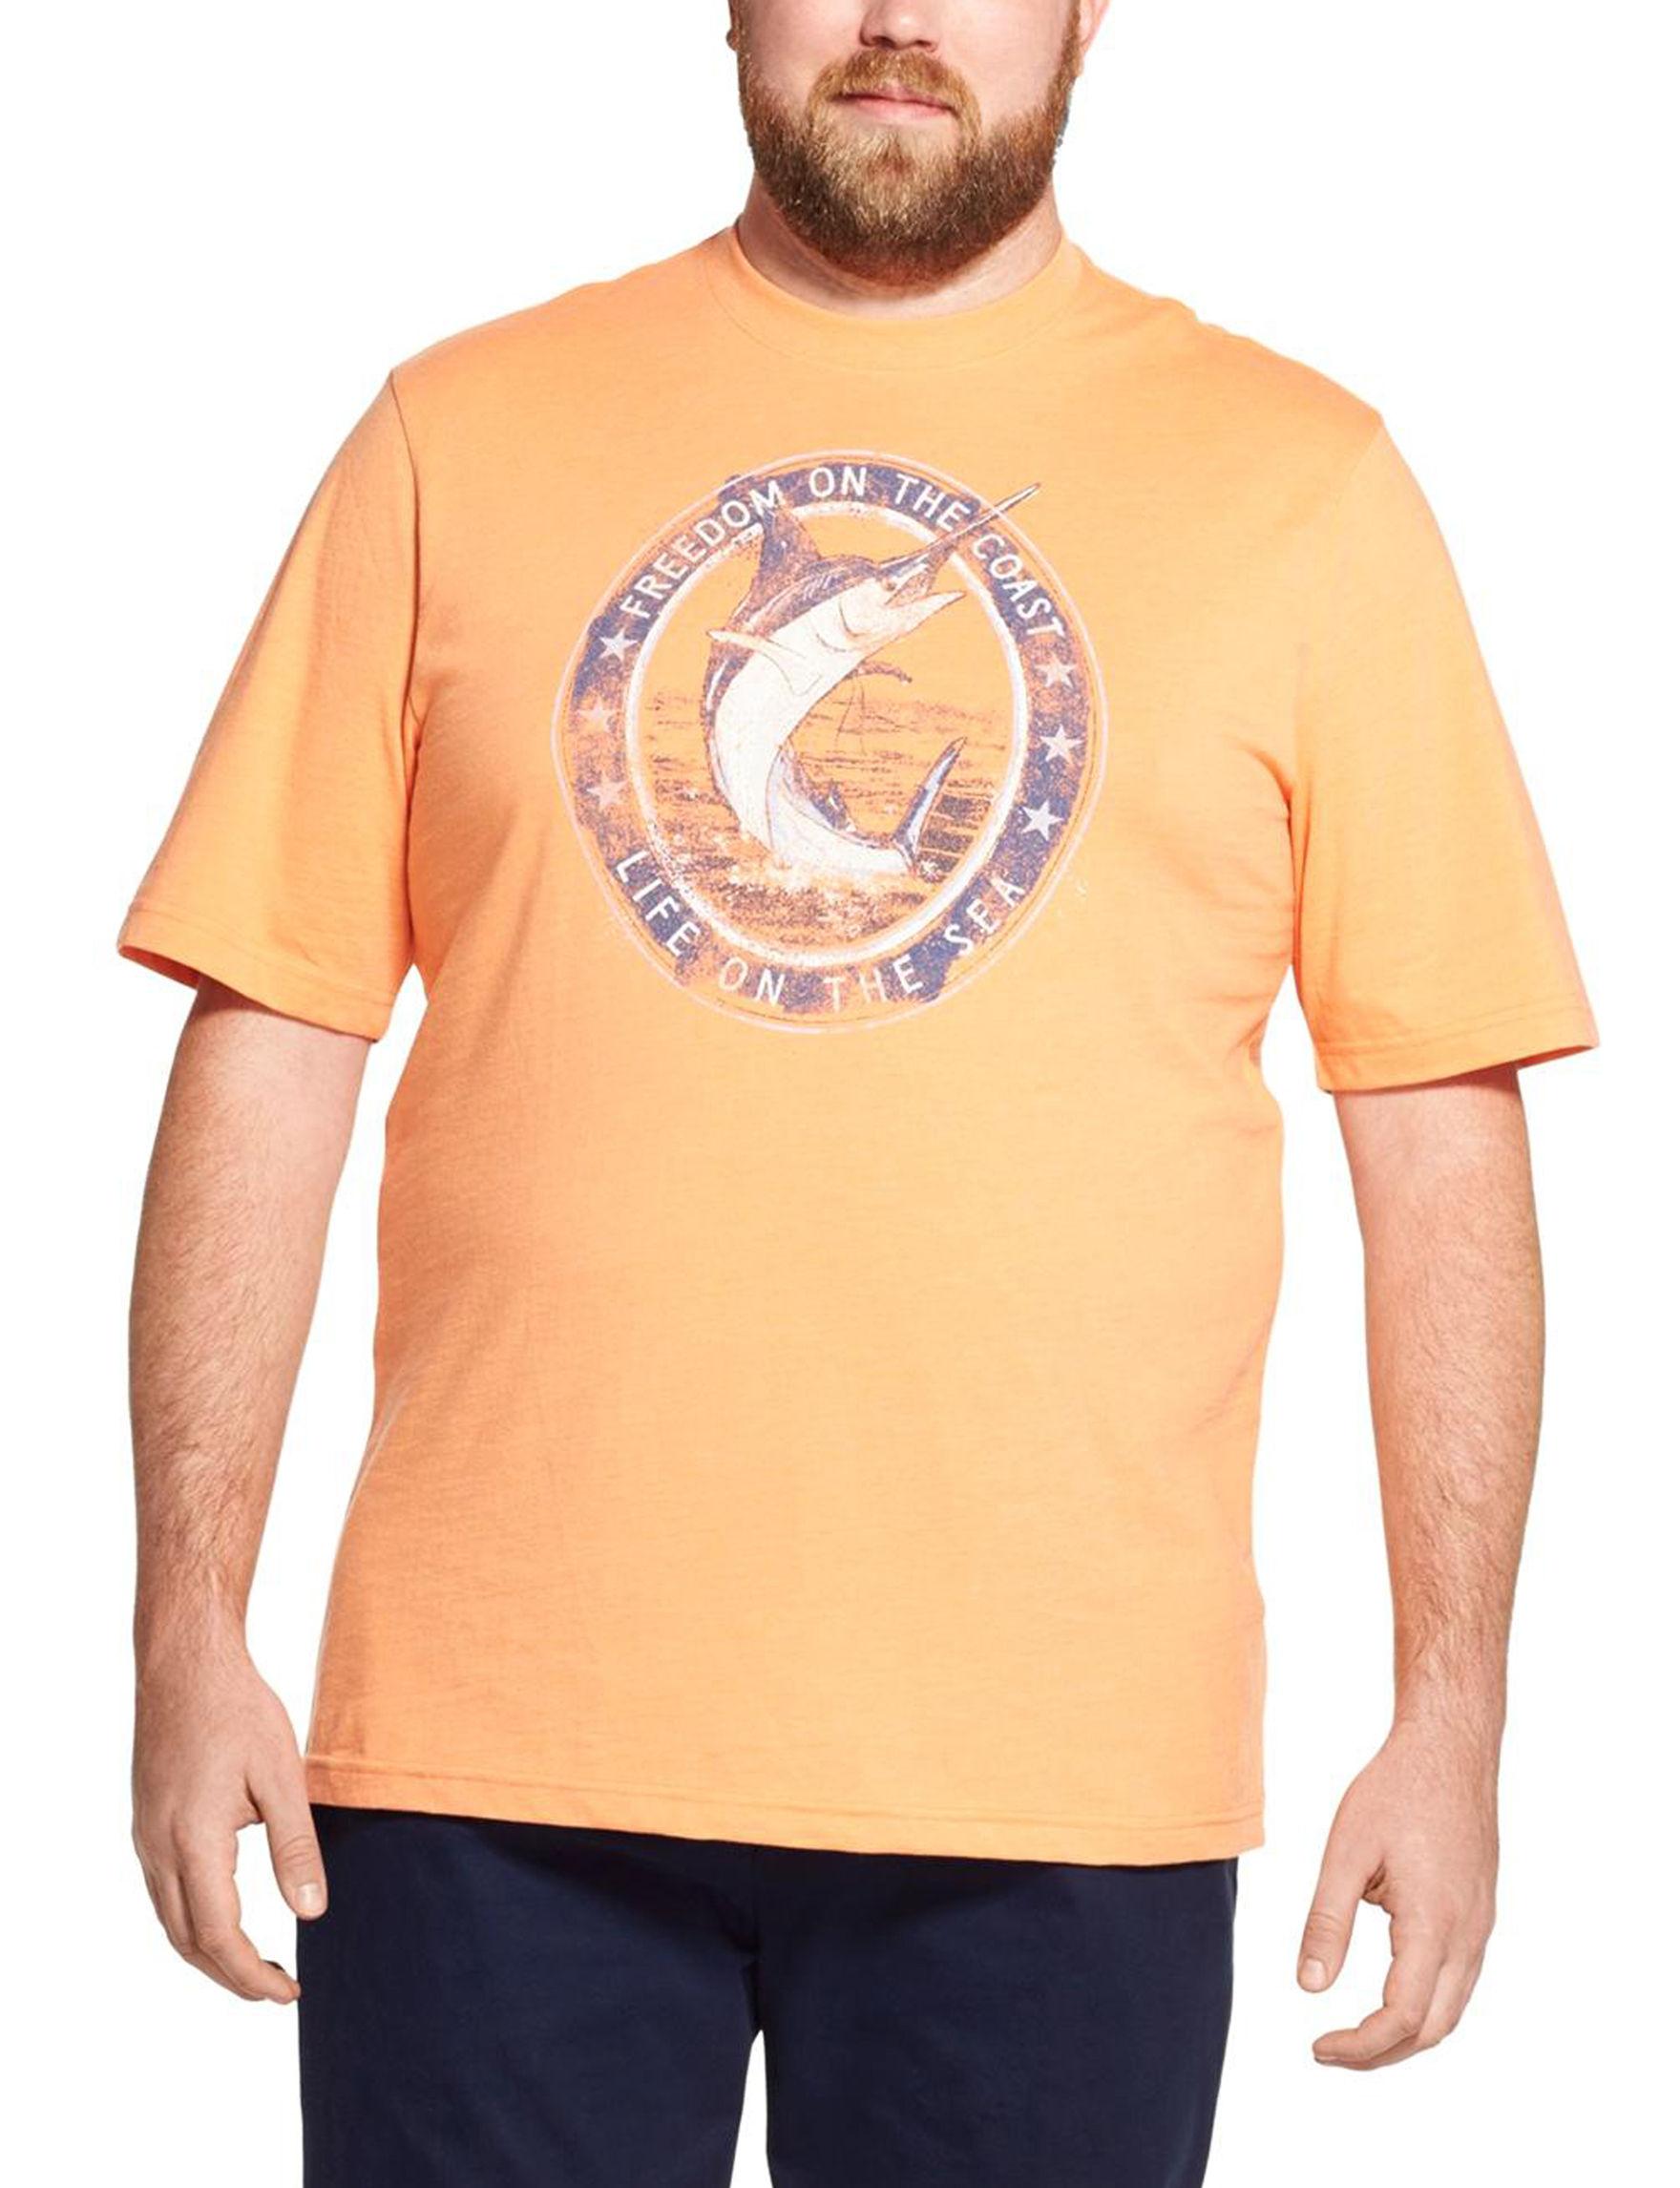 Izod Orange / Multi Tees & Tanks